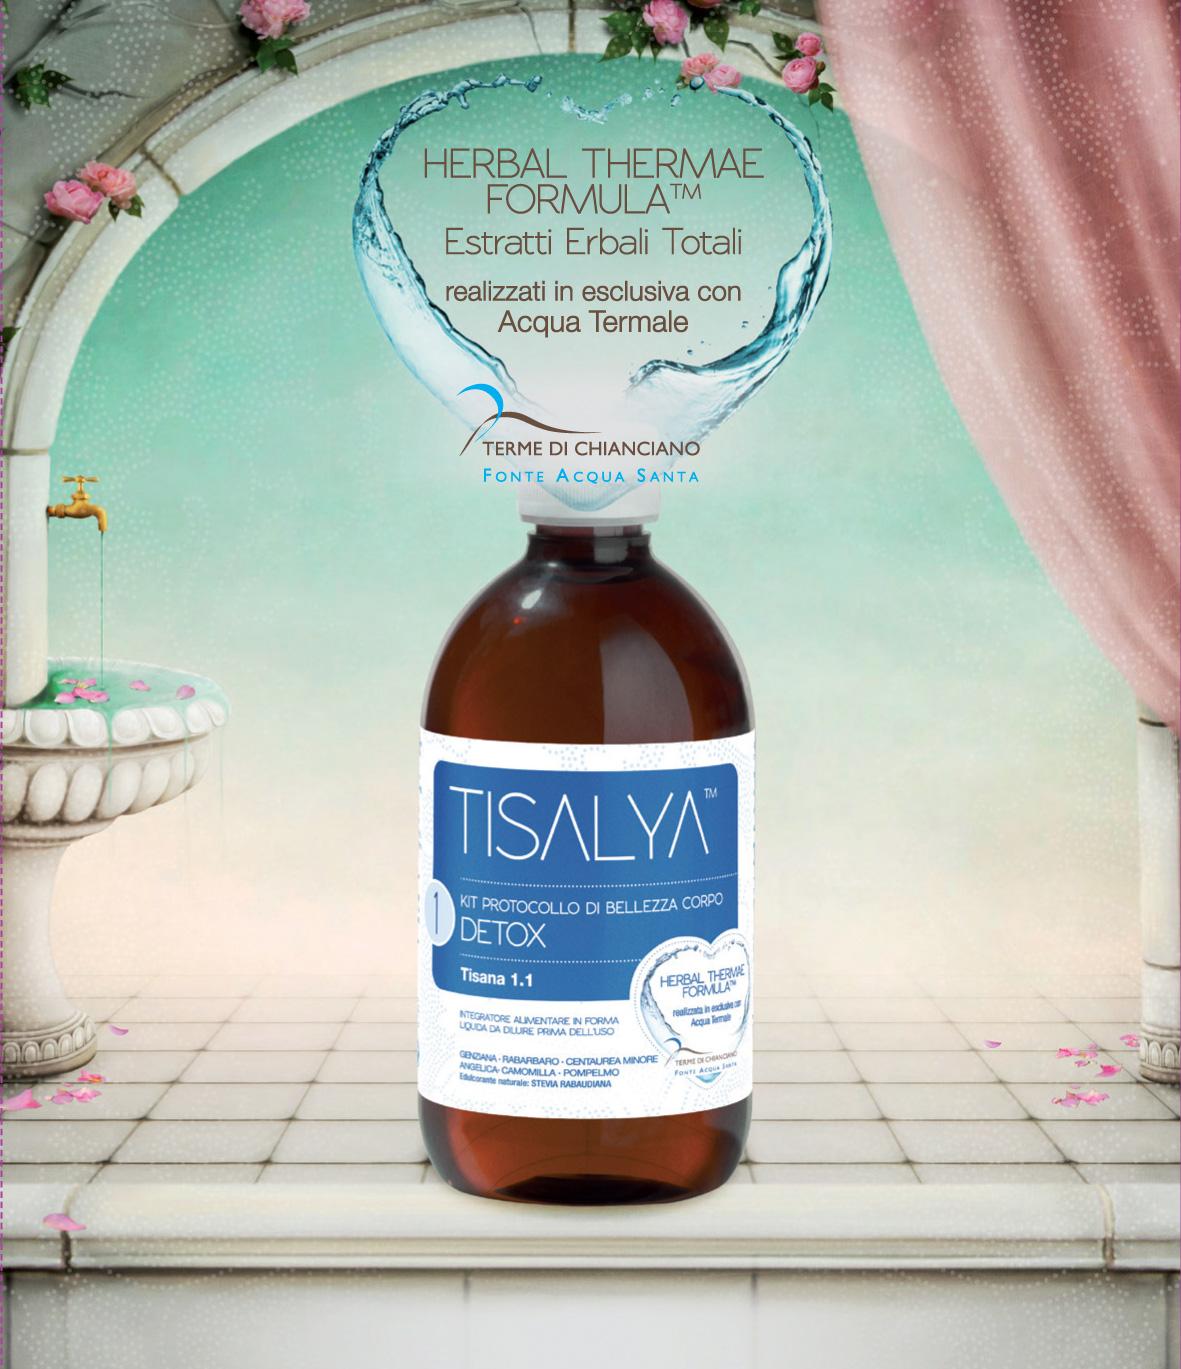 Tisalya